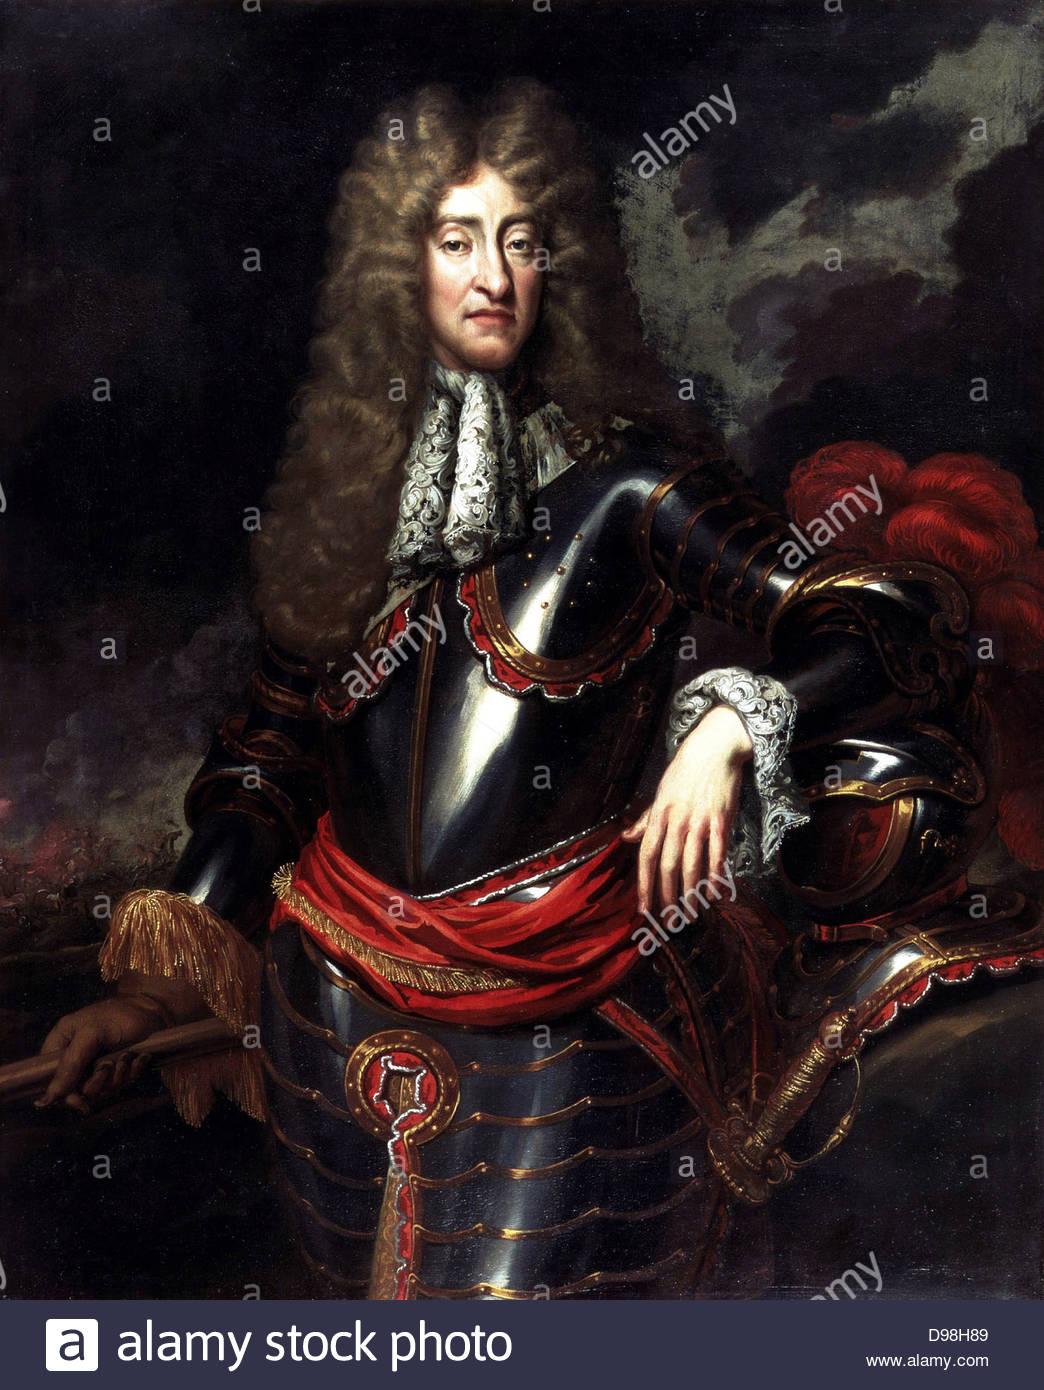 Jaime II y VII (1633 - 1701) Rey de Inglaterra e Irlanda como Jaime